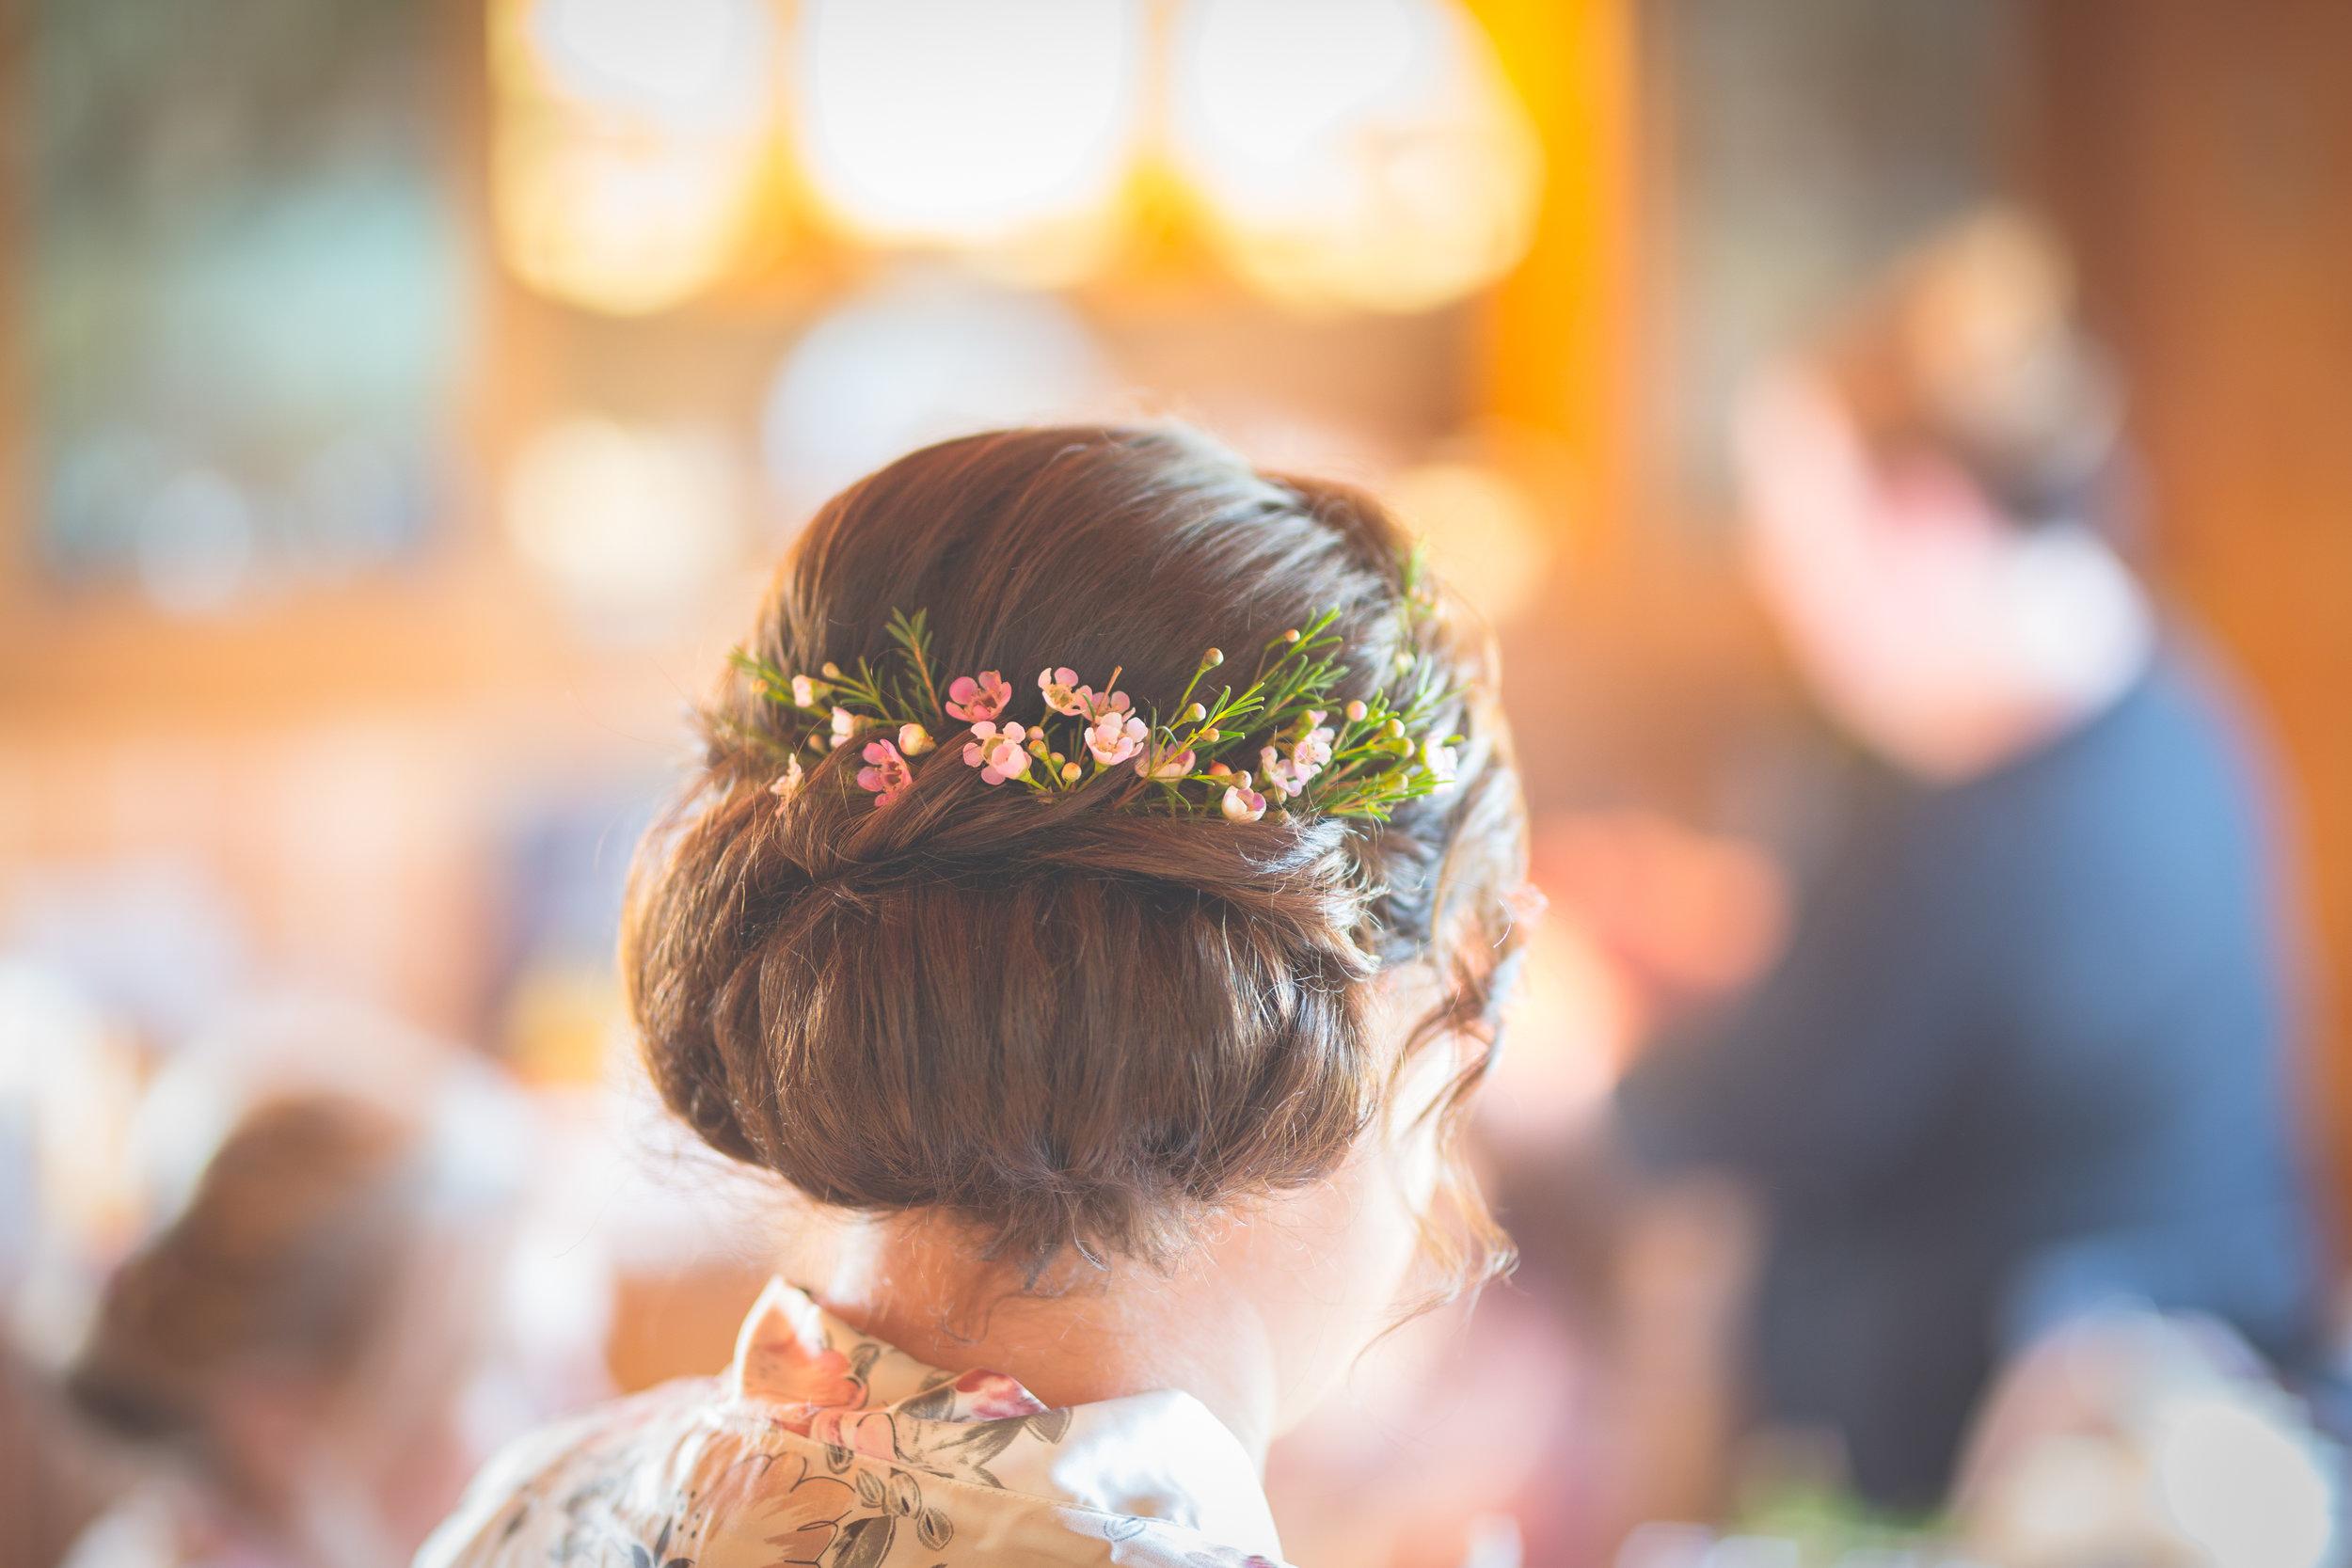 Brian McEwan Wedding Photography | Carol-Anne & Sean | Bridal Preparations-97.jpg